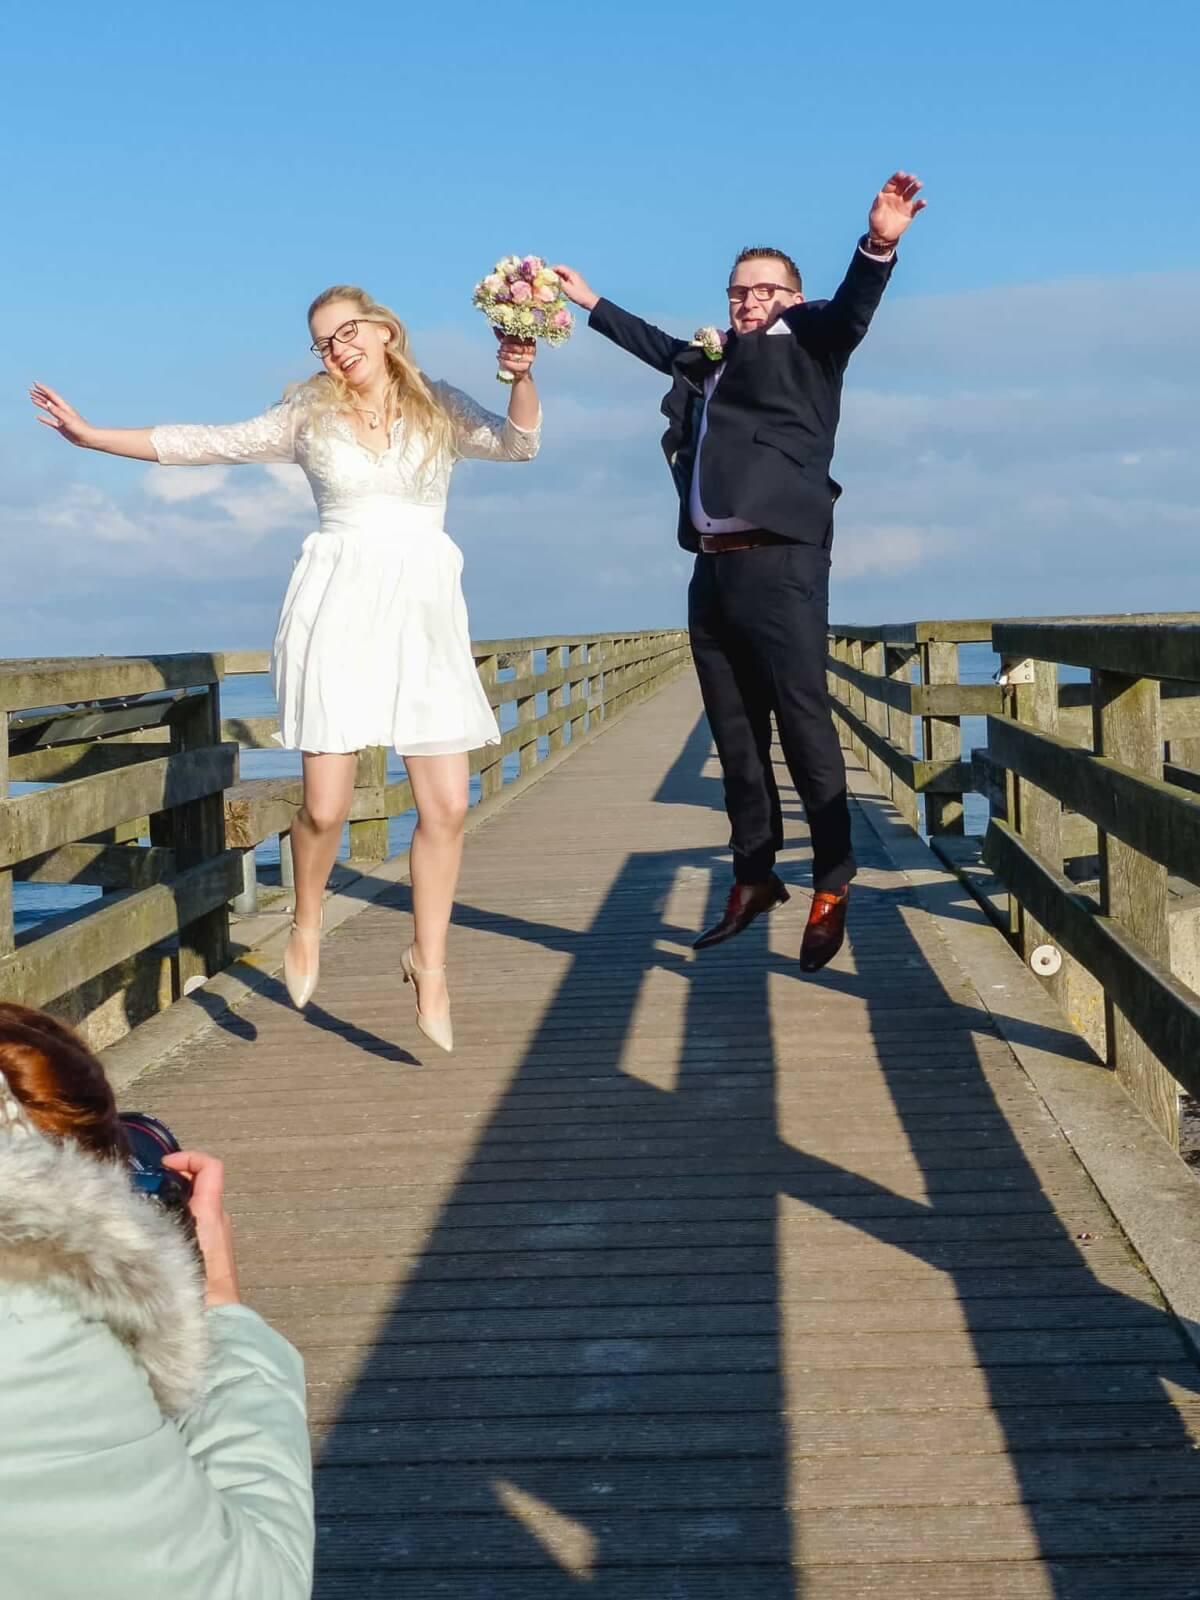 Hochzeitsfotografin beim Brautpaarfotoshooting